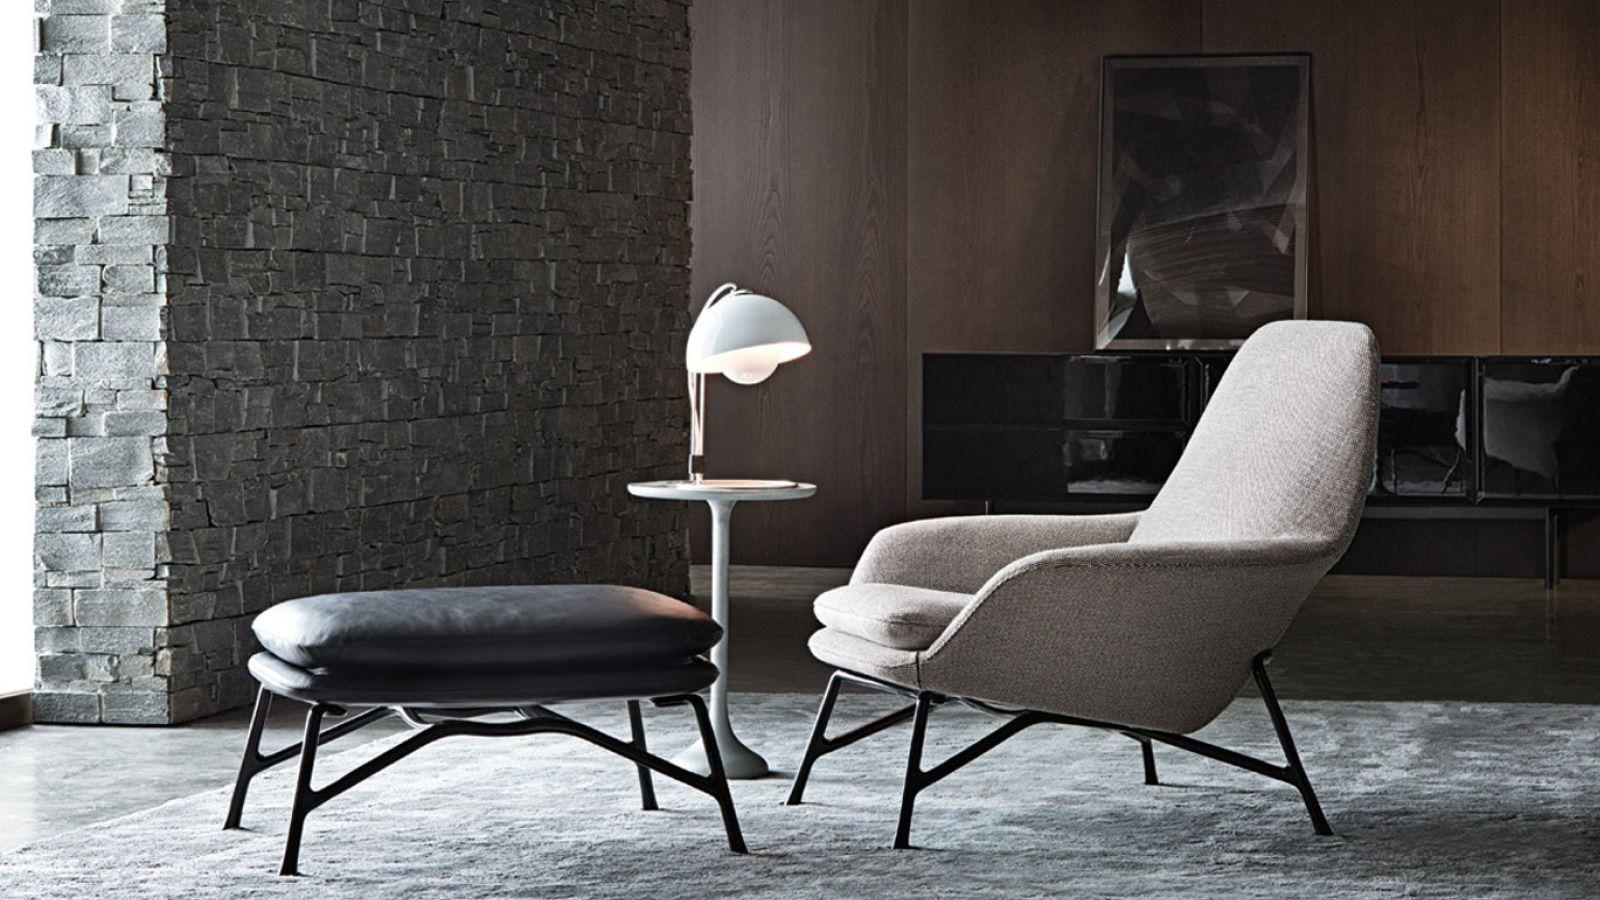 Contemporary Modern Luxury Furniture Perth Stores Contempo